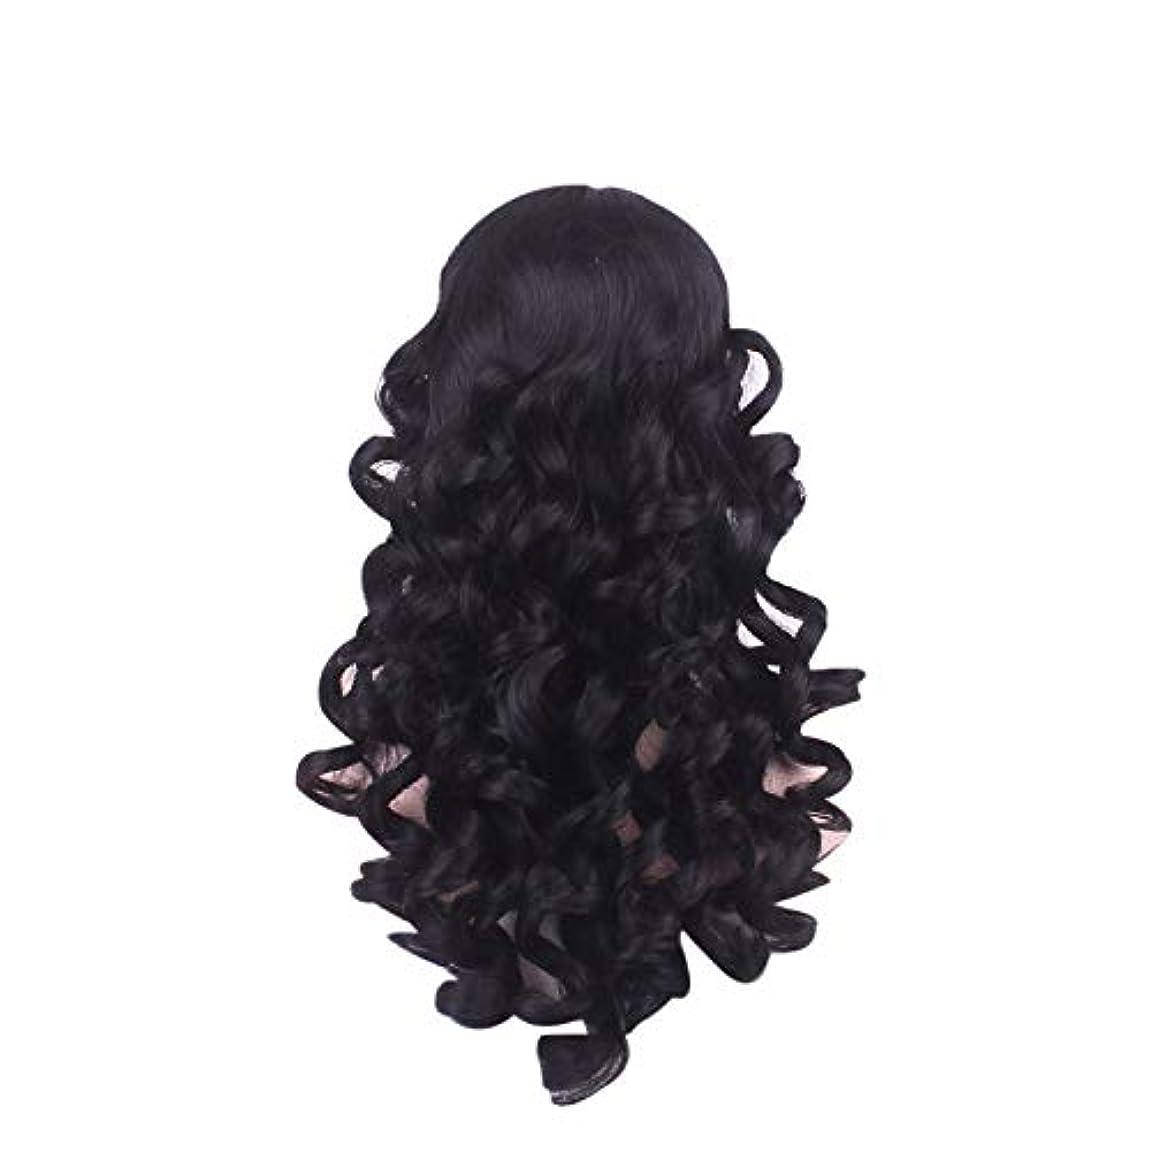 追い越す予報毛布女性の長い巻き毛のファッションかつらローズネット65 cm